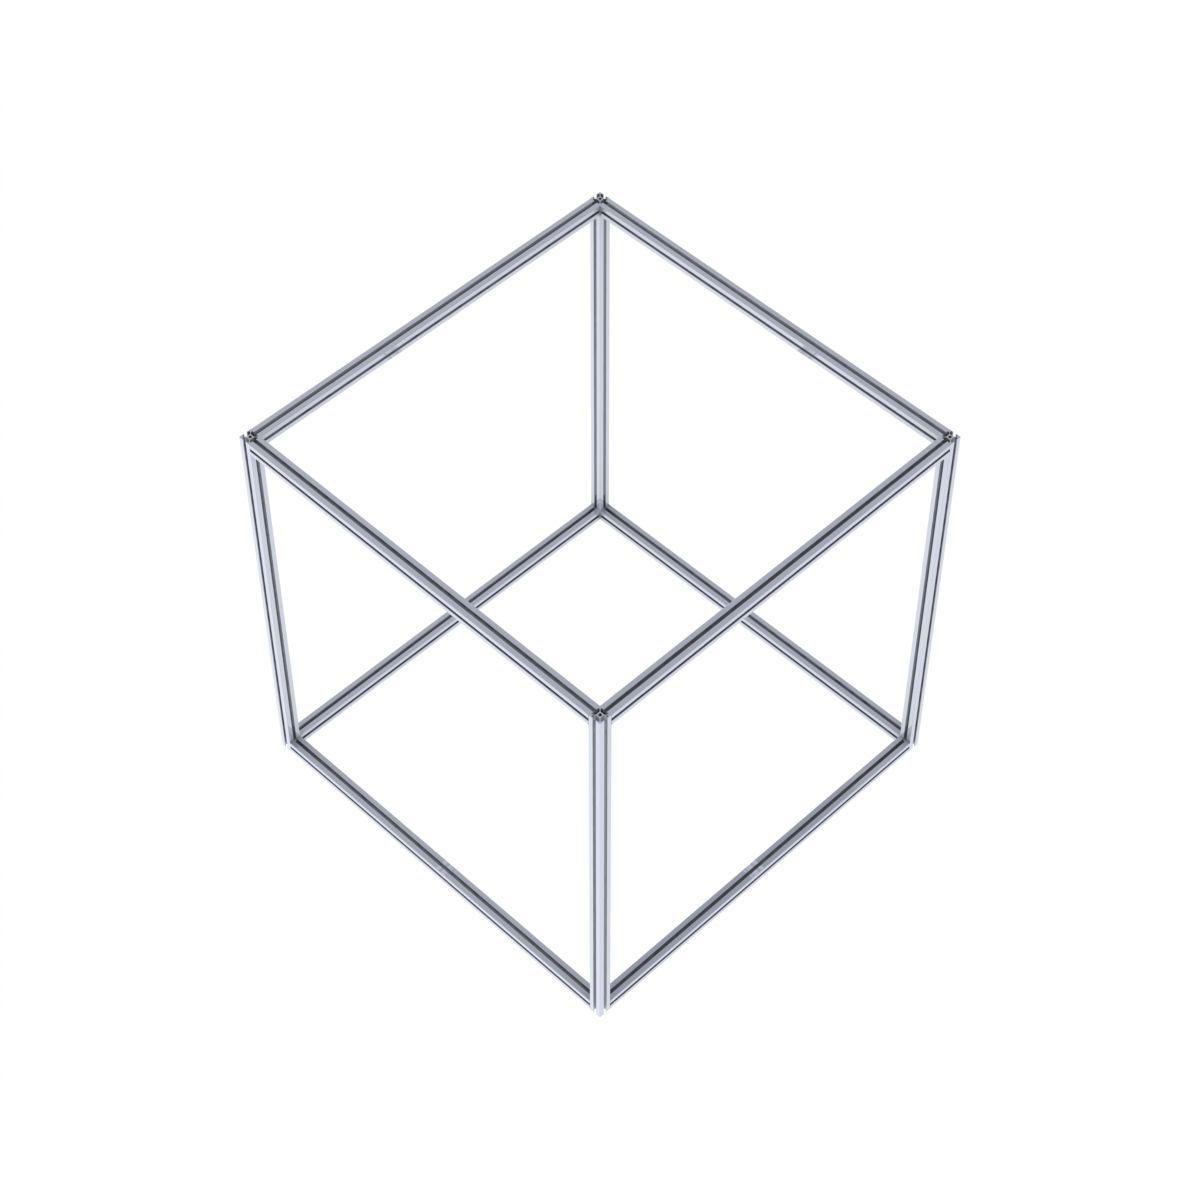 rama przestrzenna z profili